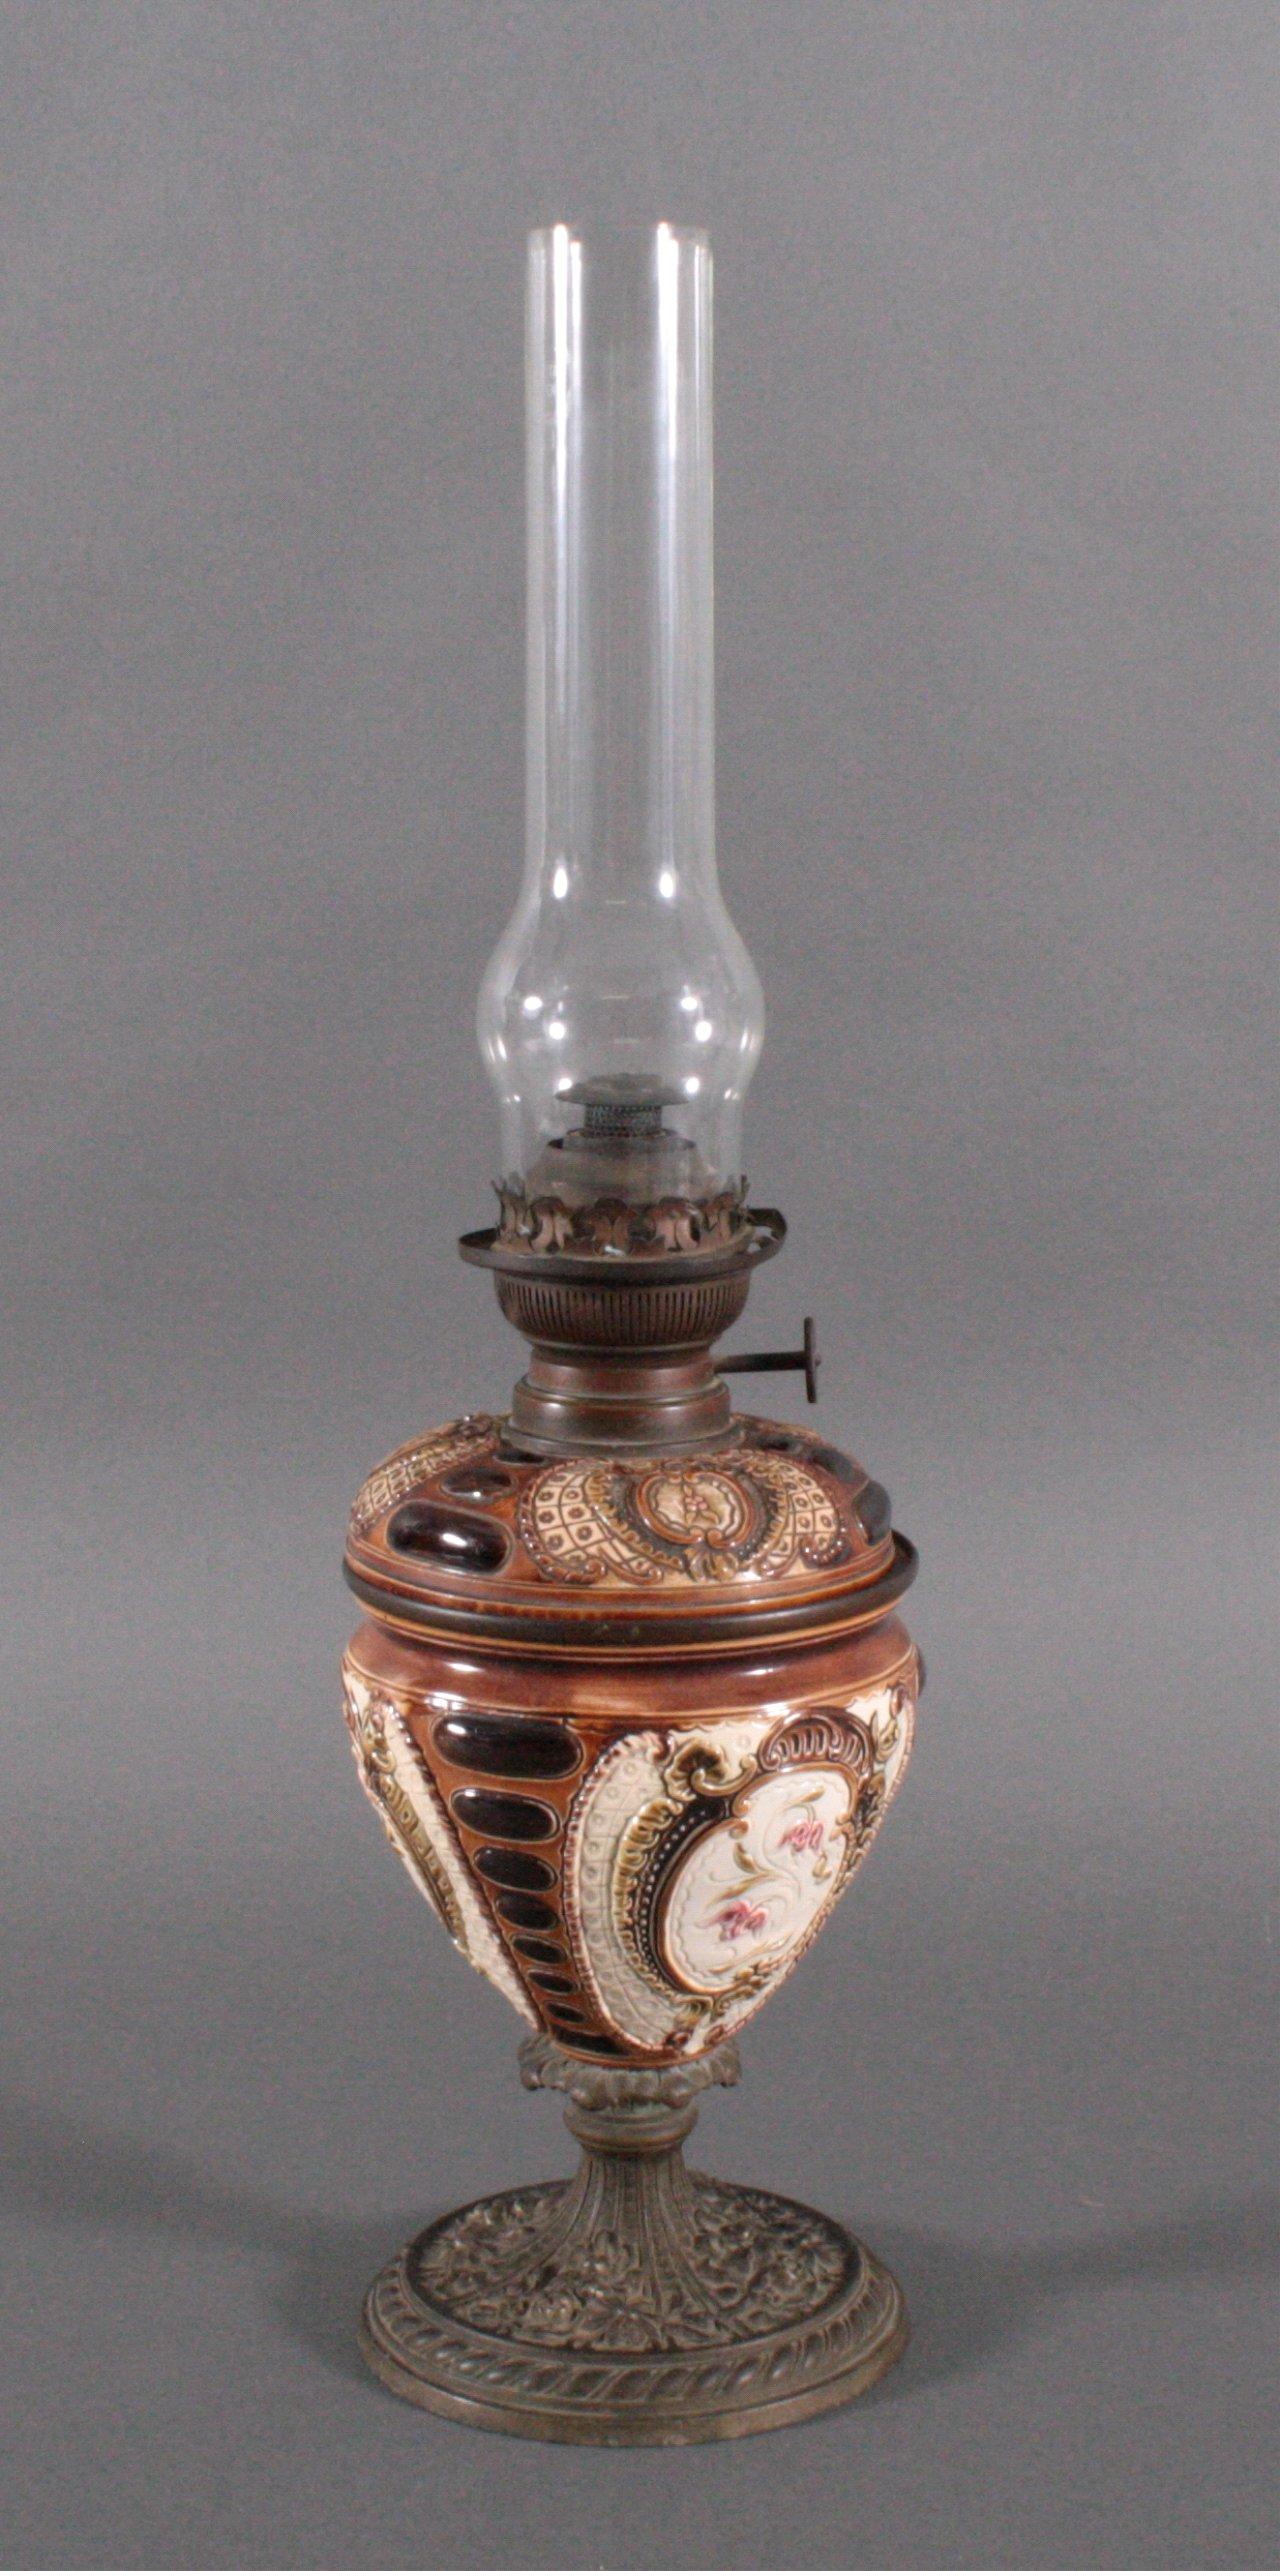 Petroleumlampe um 1900-1